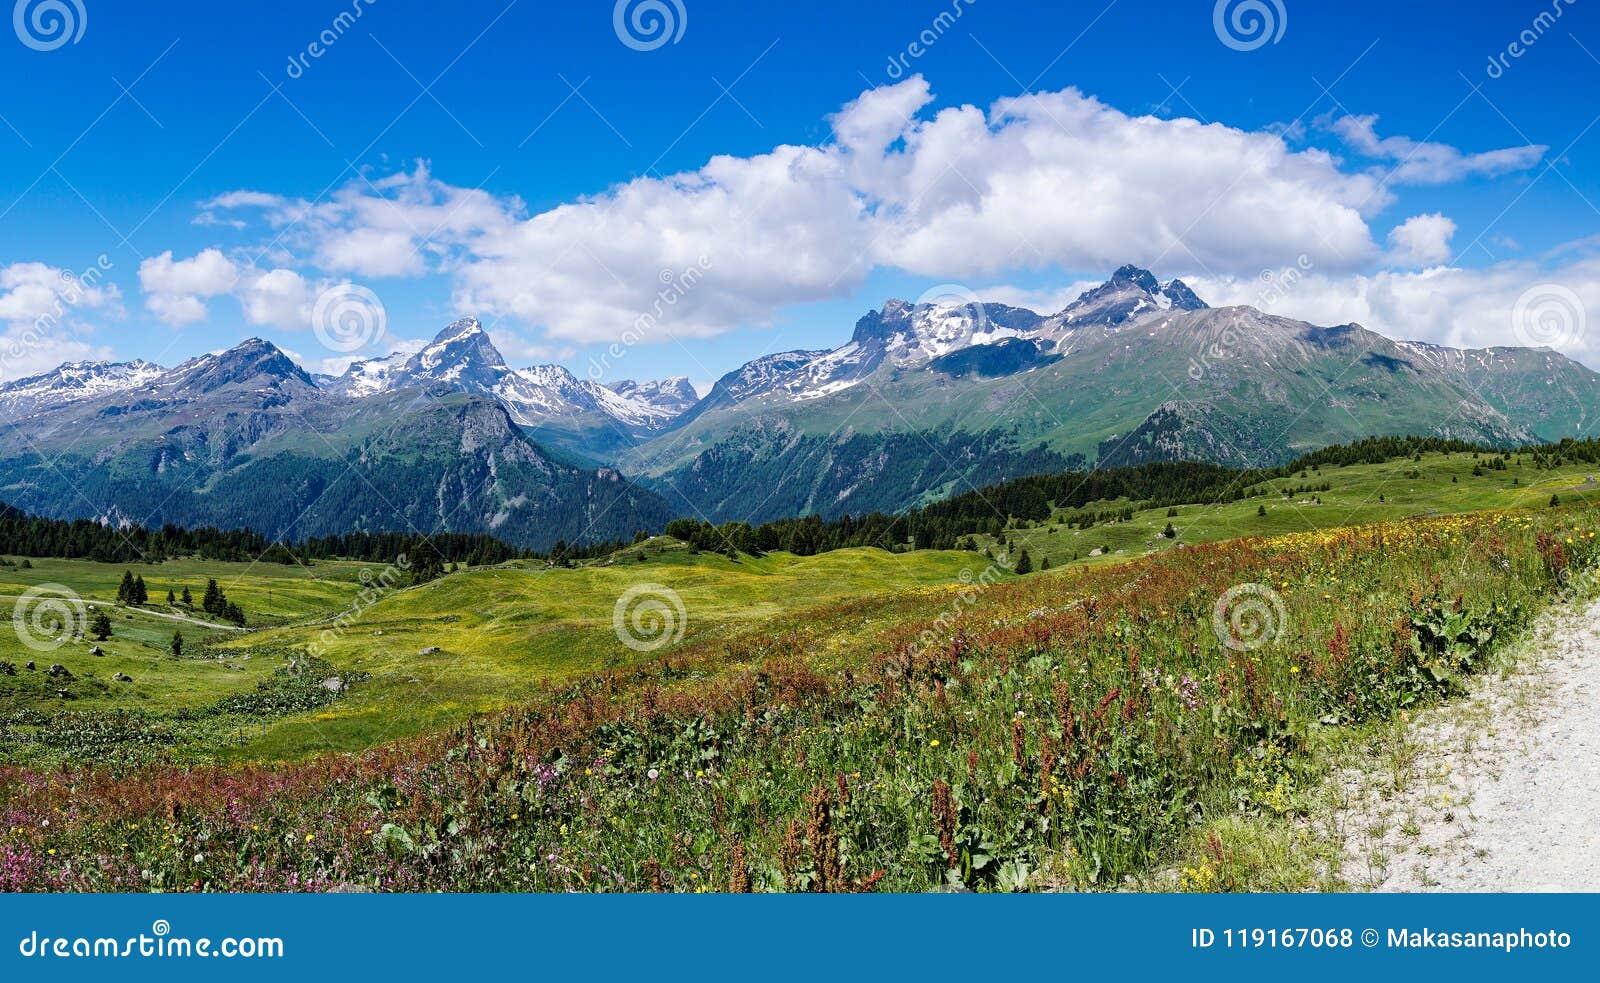 Paisaje idílico de la montaña en el verano con un camino de la grava a la derecha el lado de la extrema derecha